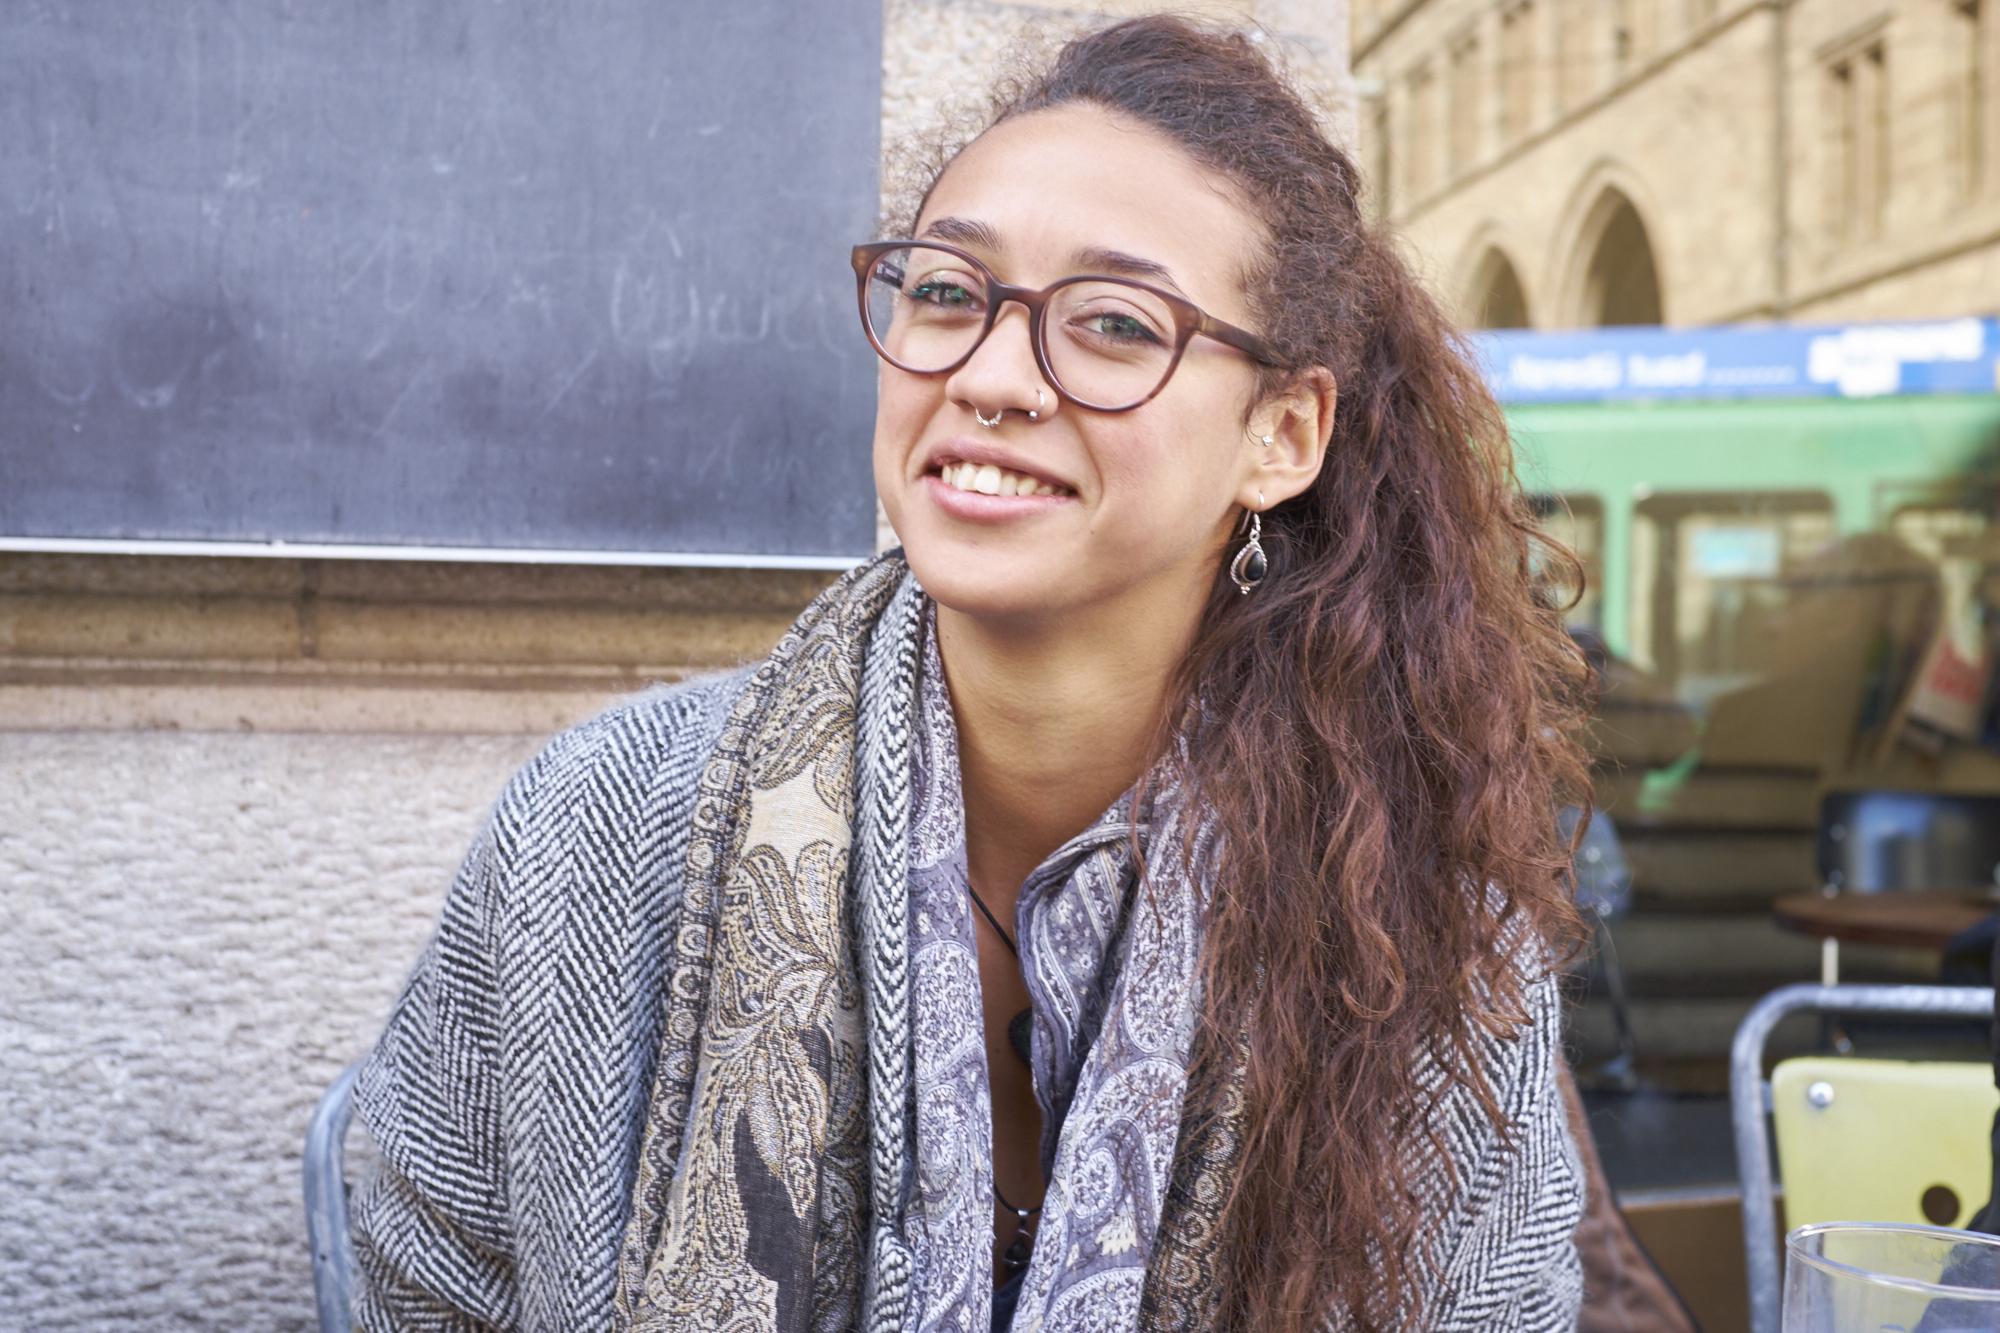 «Ich habe keine einzige News-App installiert», sagt die 23-jährige Sozialpädagogin Stephanie Buser.